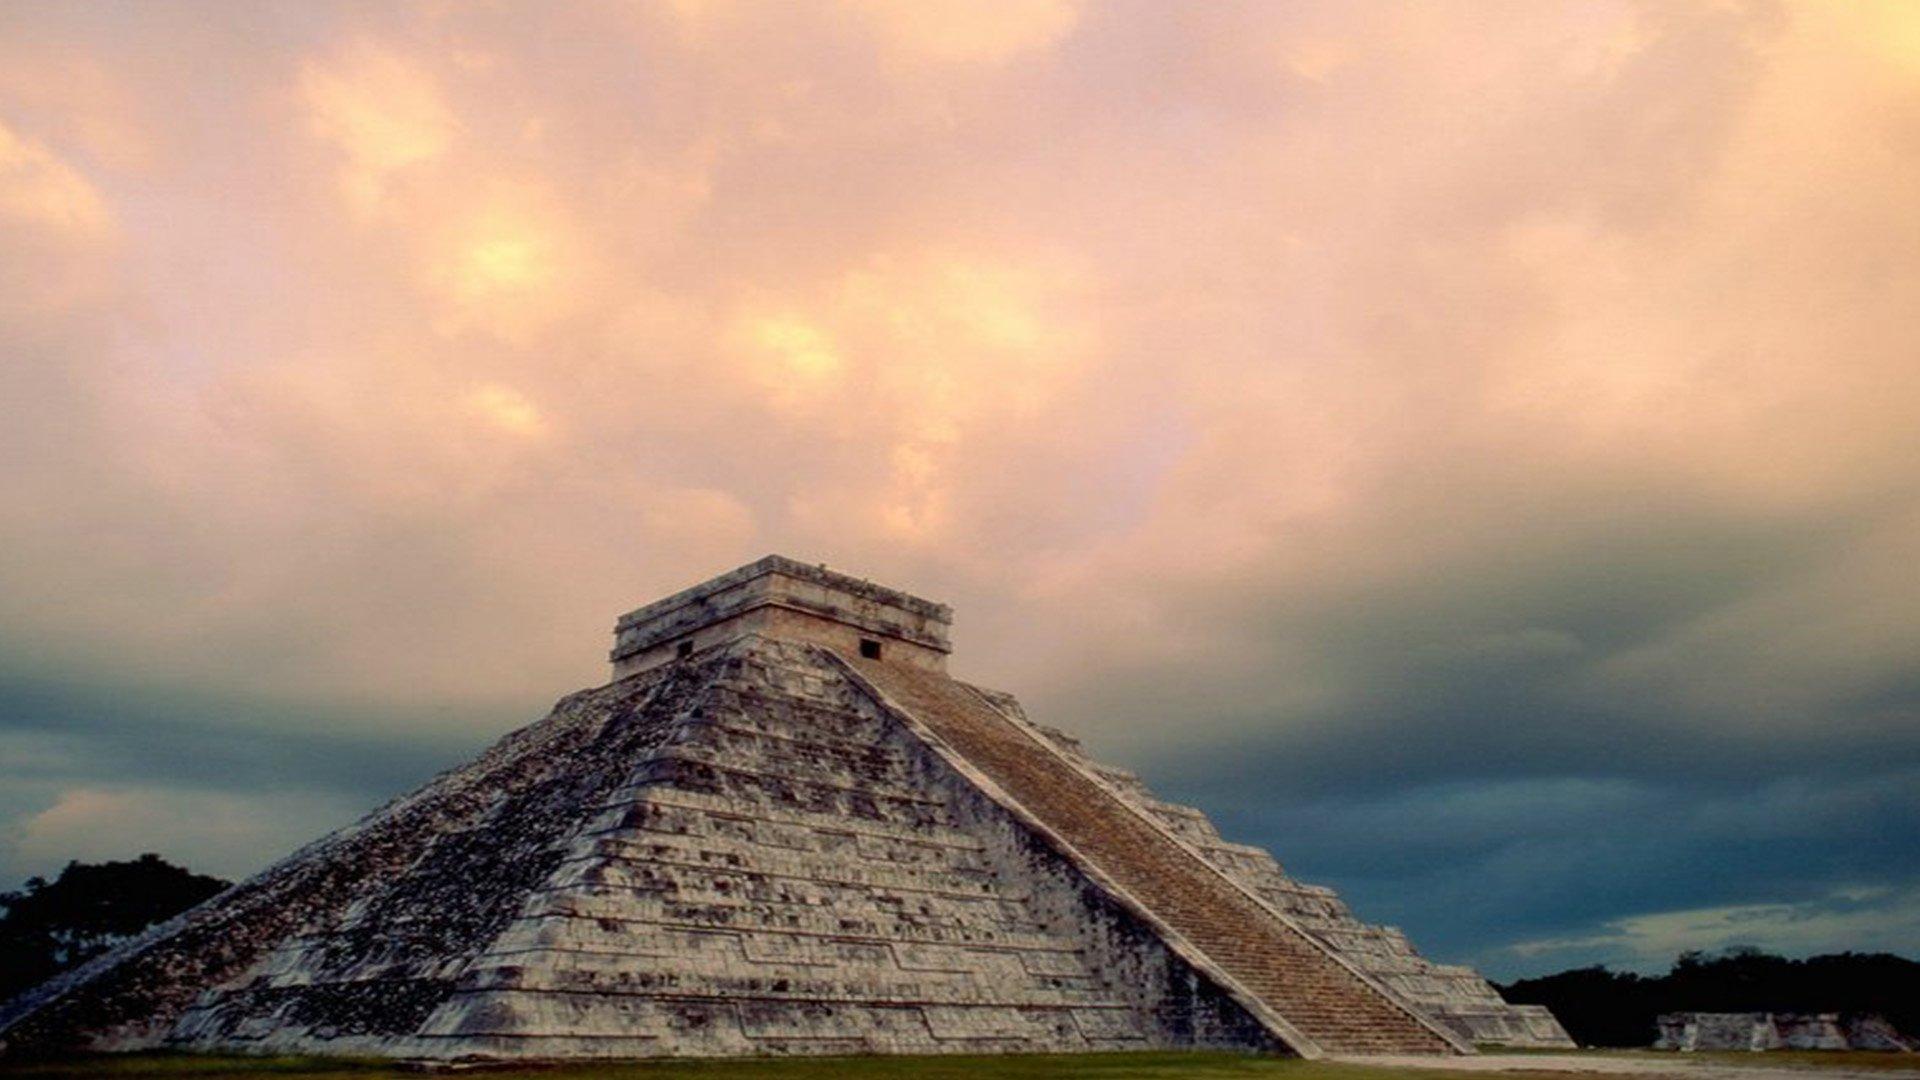 Los mayas y su relación con los extraterrestres revelada gracias a nuevo hallazgo